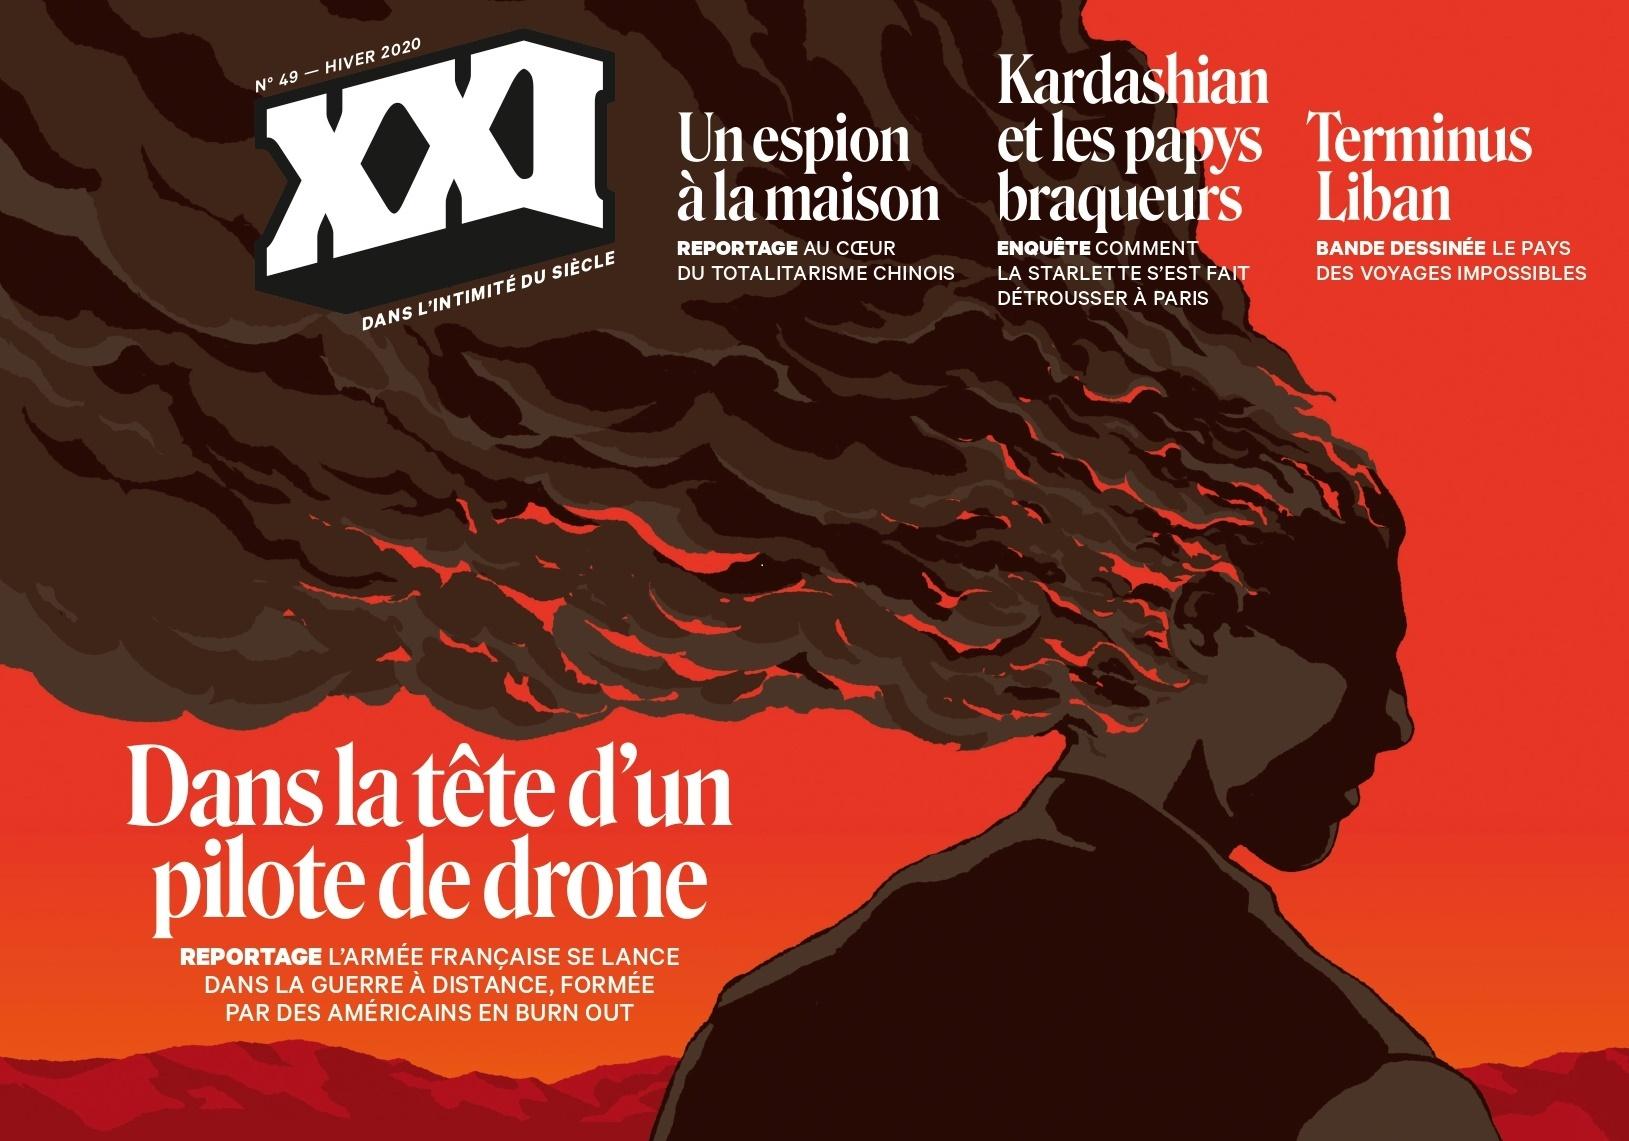 REVUE XXI N  49 : DANS LA TETE D'UN PILOTE DE DRONE